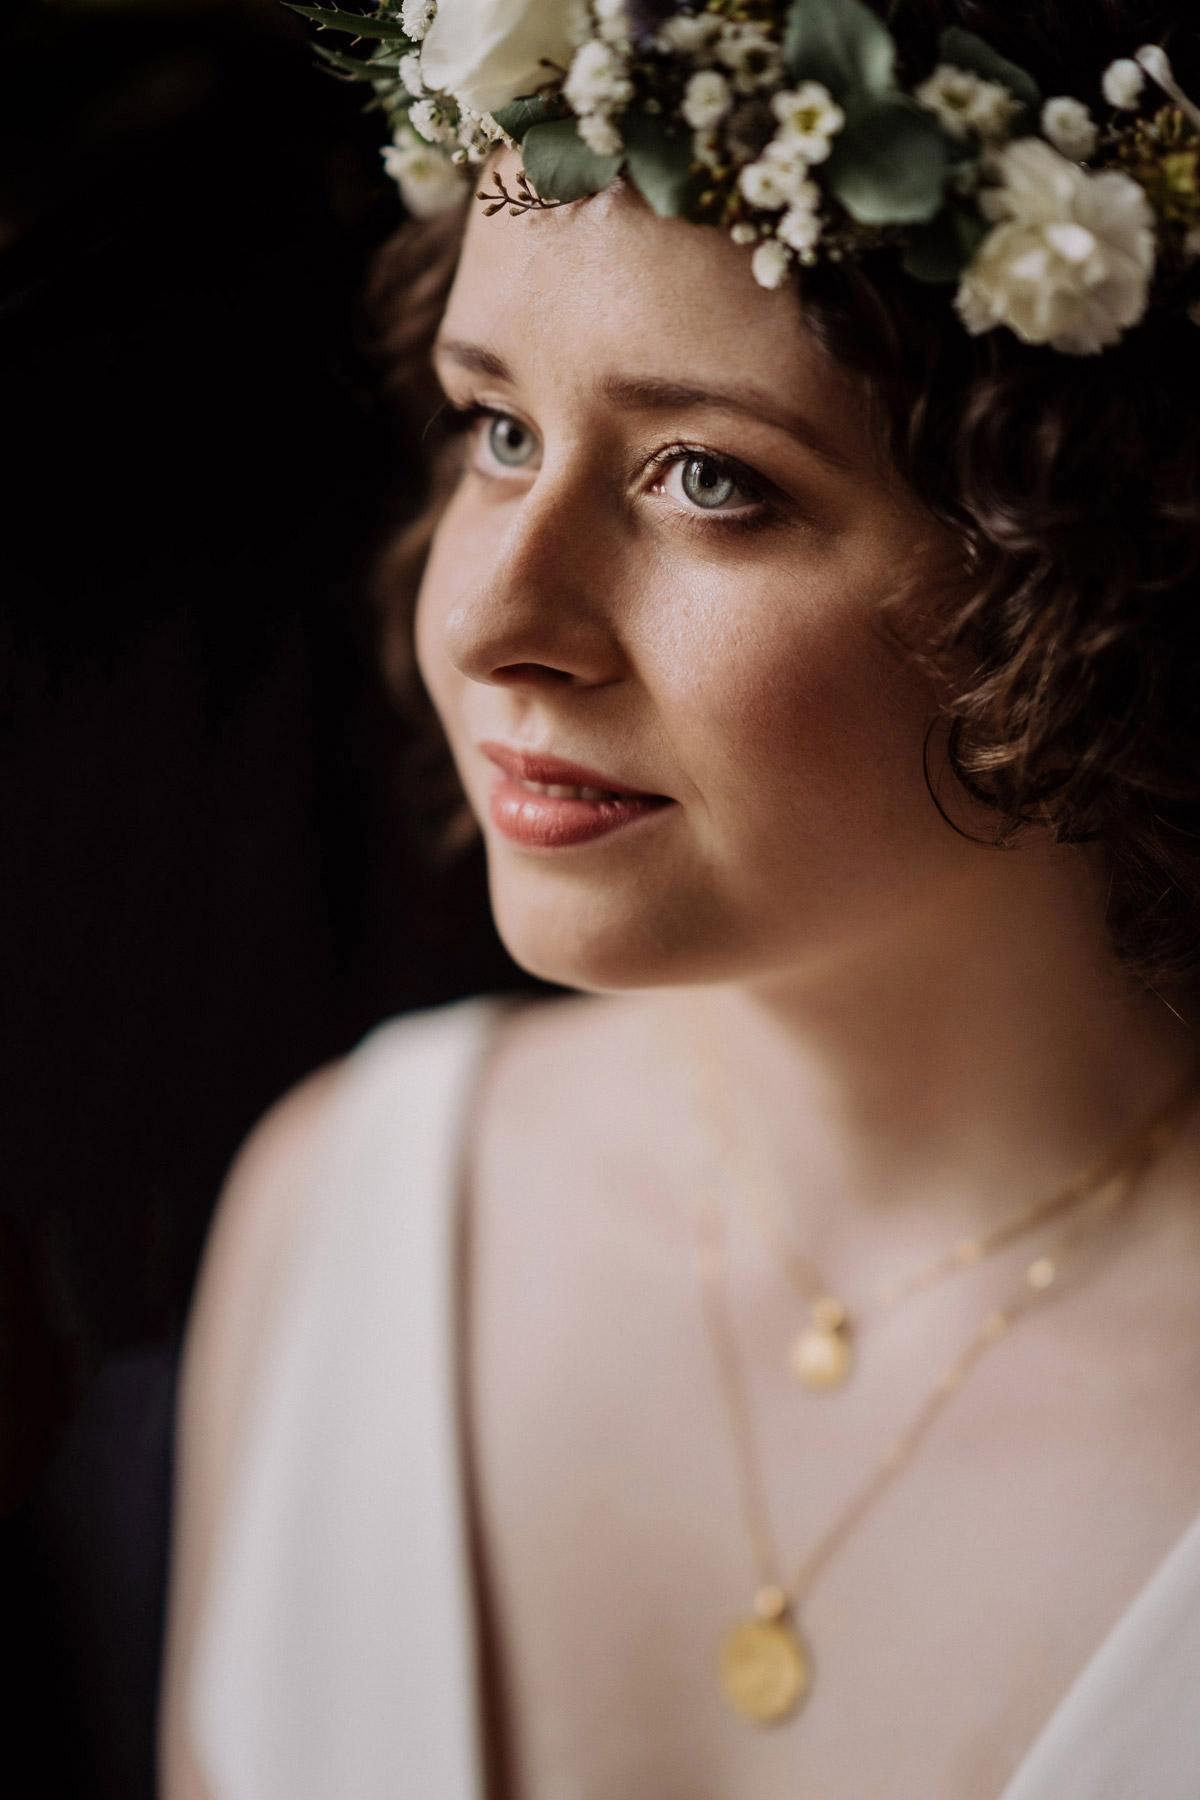 natürliches Braut Make up offene Haare Locken Braut #beautyrealbride © www.hochzeitslicht.de #hochzeitslicht